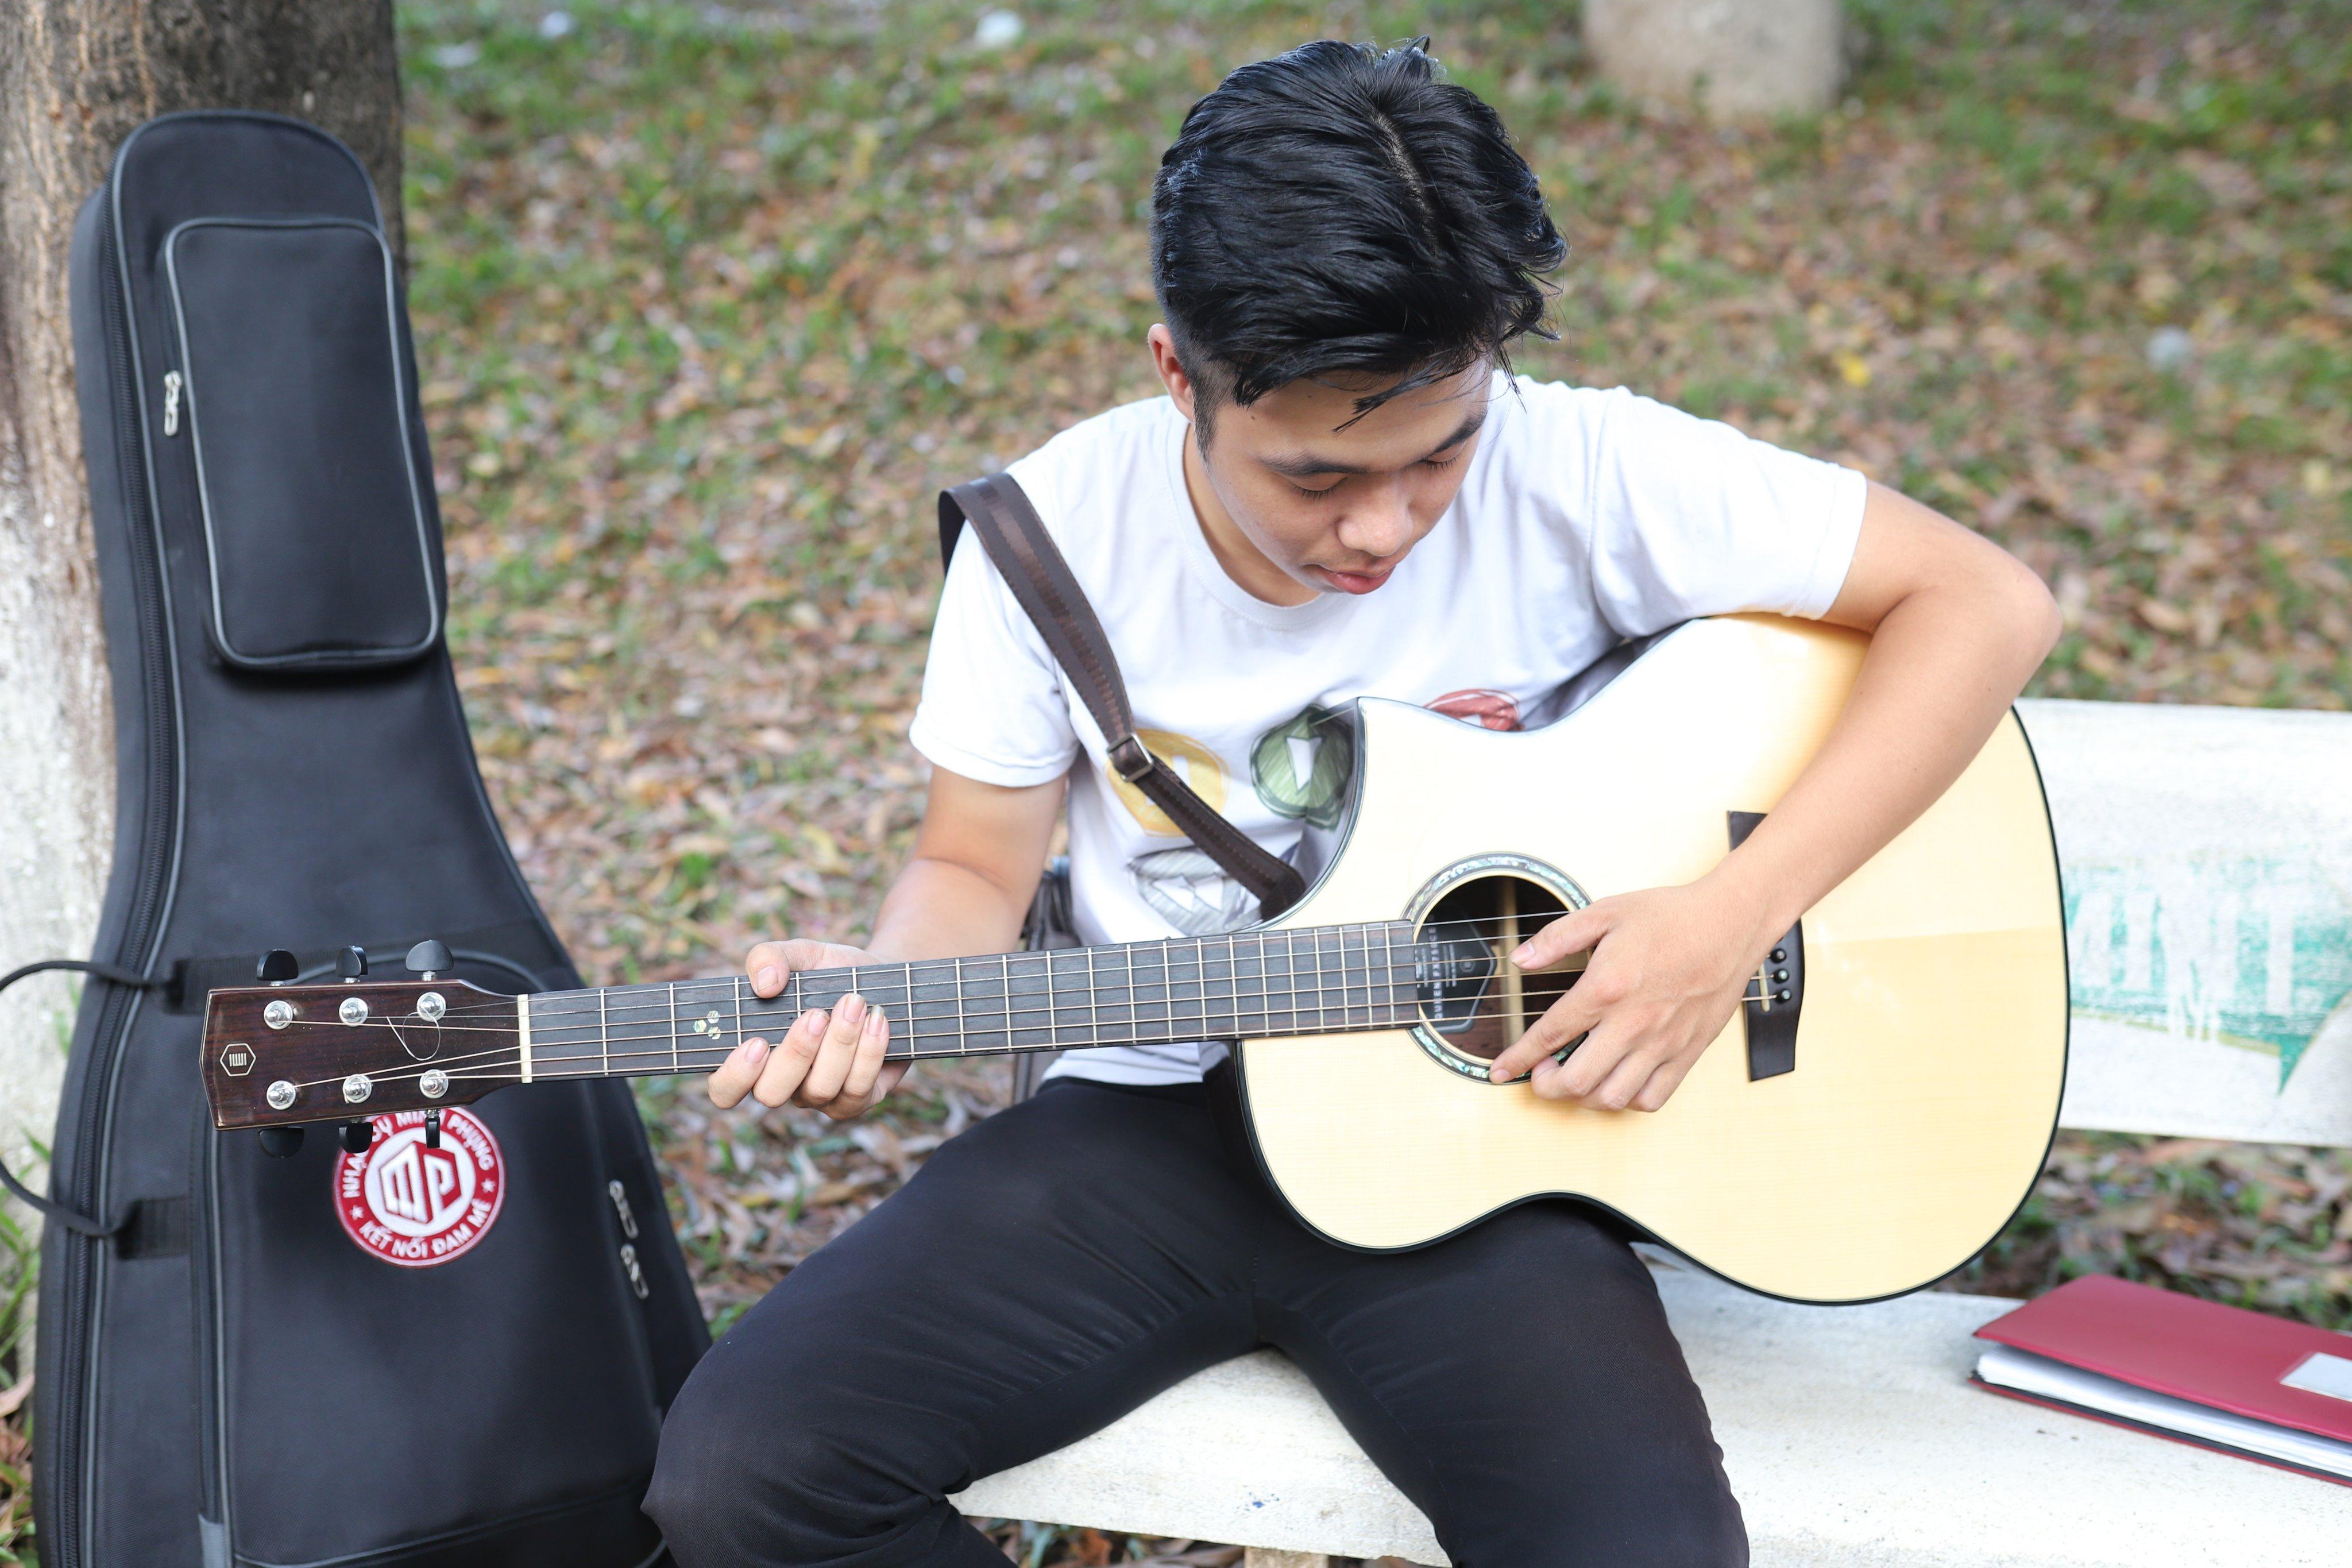 hoc_guitar_tai_nha